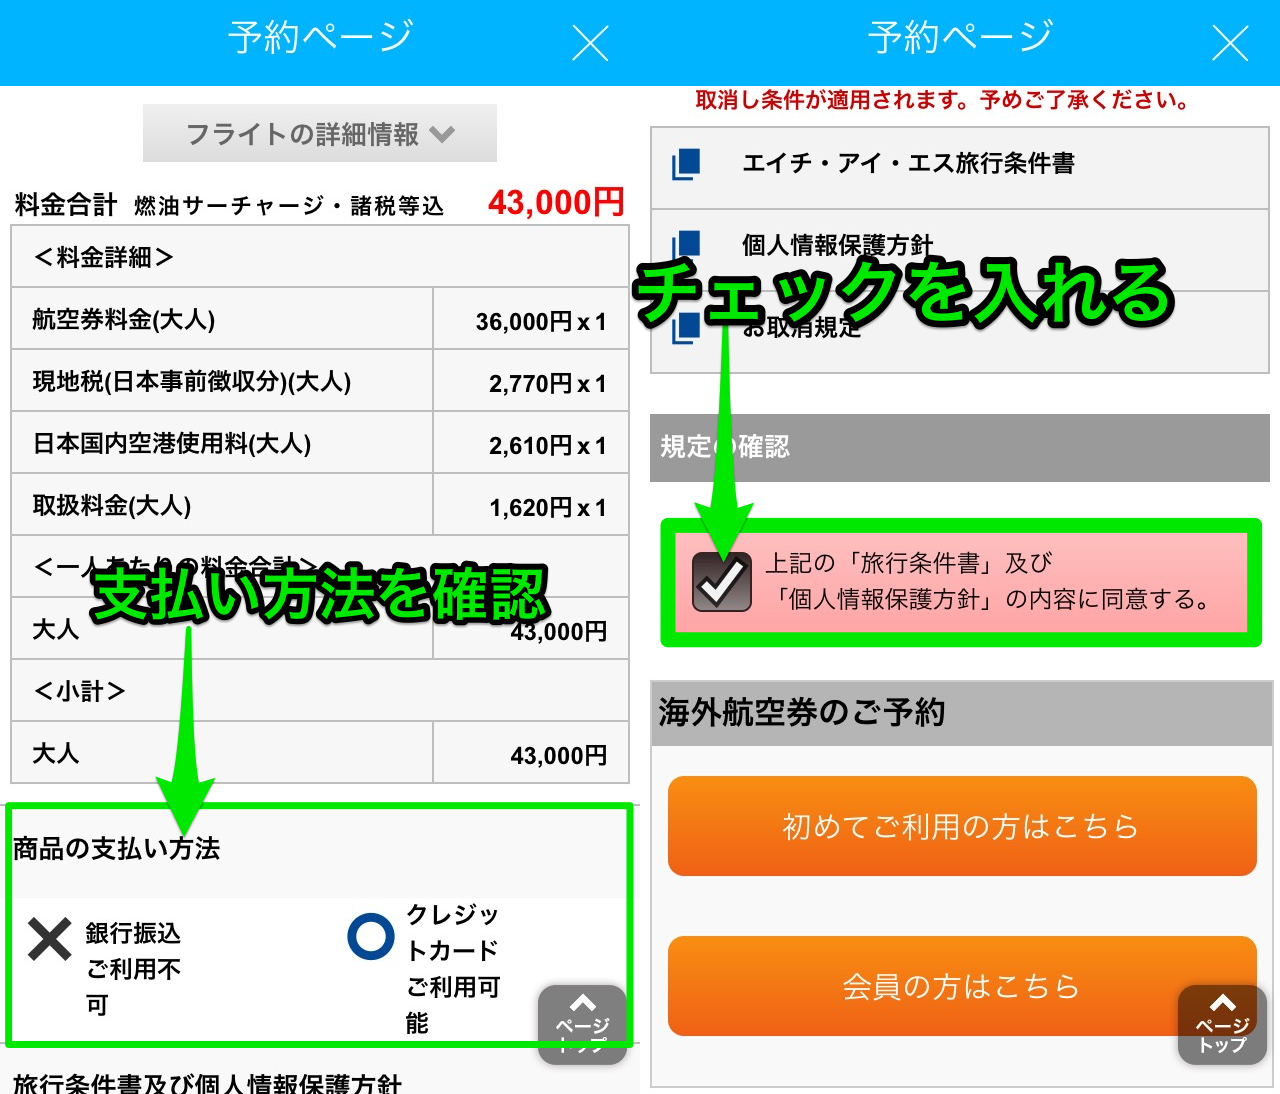 H.I.S.アプリ「航空券・ホテル」で支払い方法と内容同意